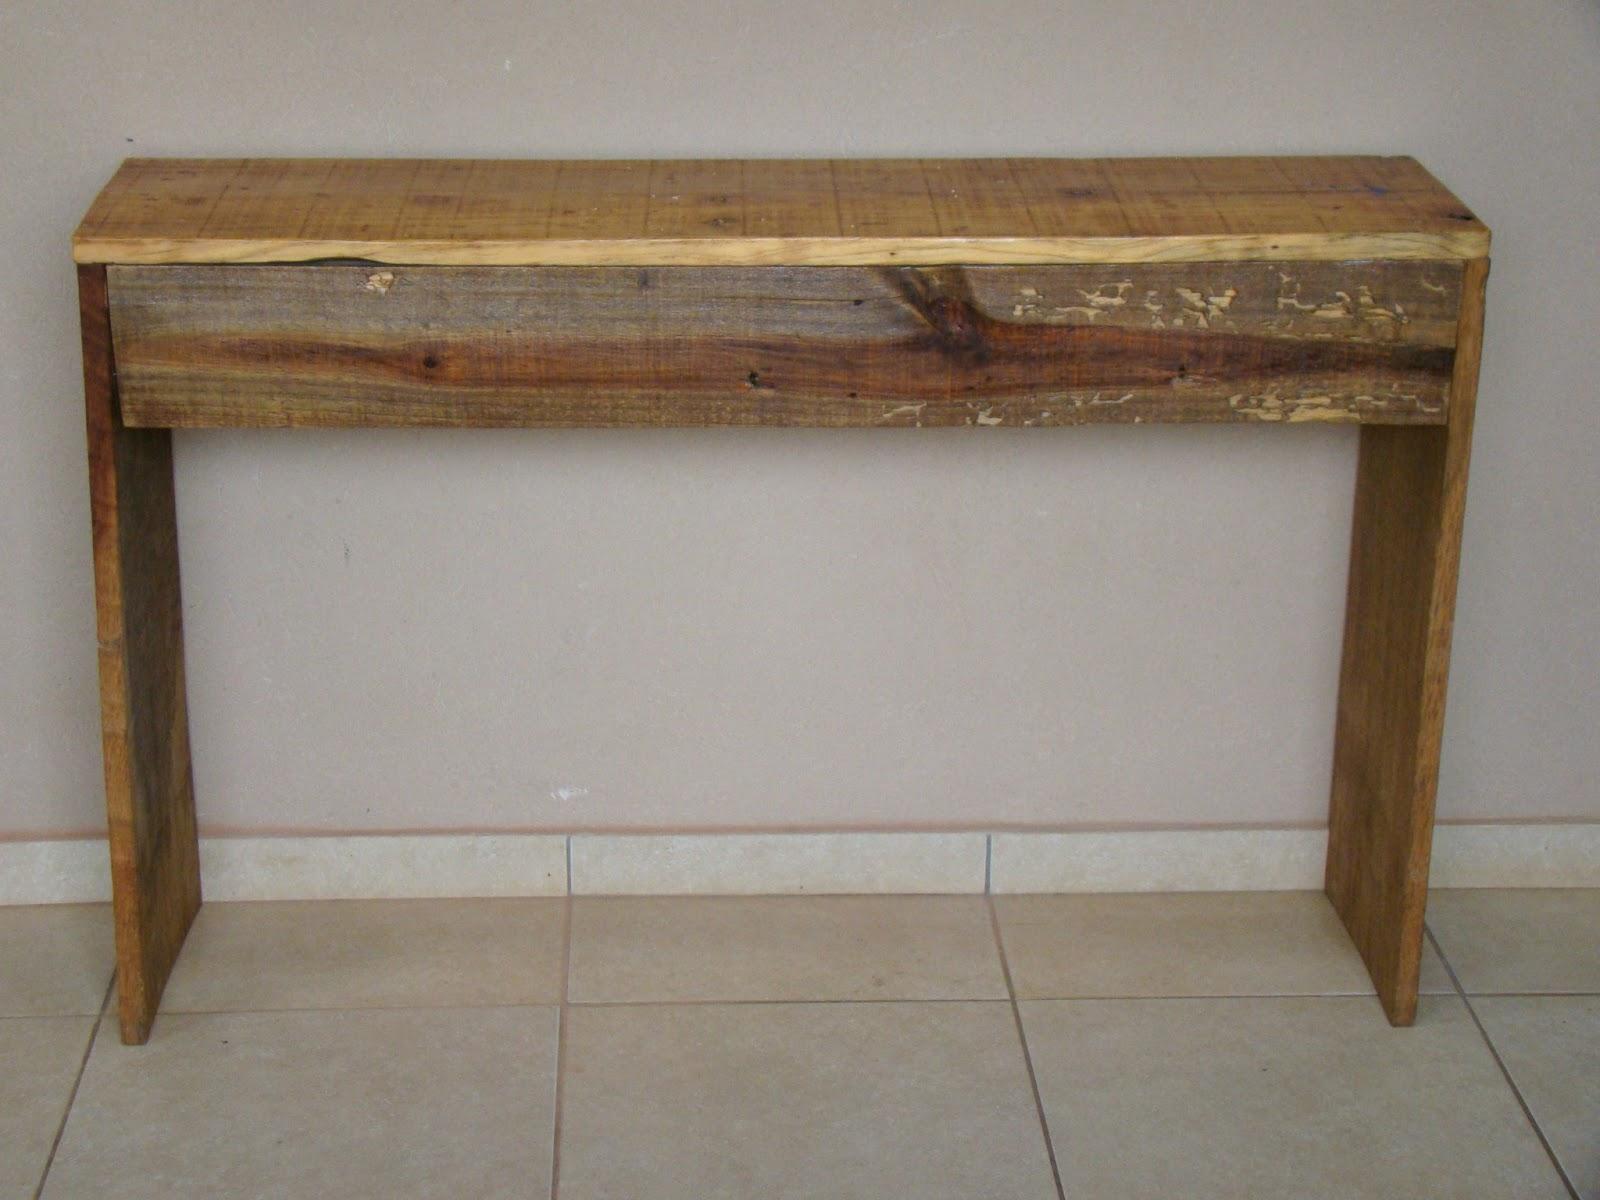 Painel em madeira rústica: 1 2m Larg x 0 77m Alt. Base 30cm Valor  #473320 1600x1200